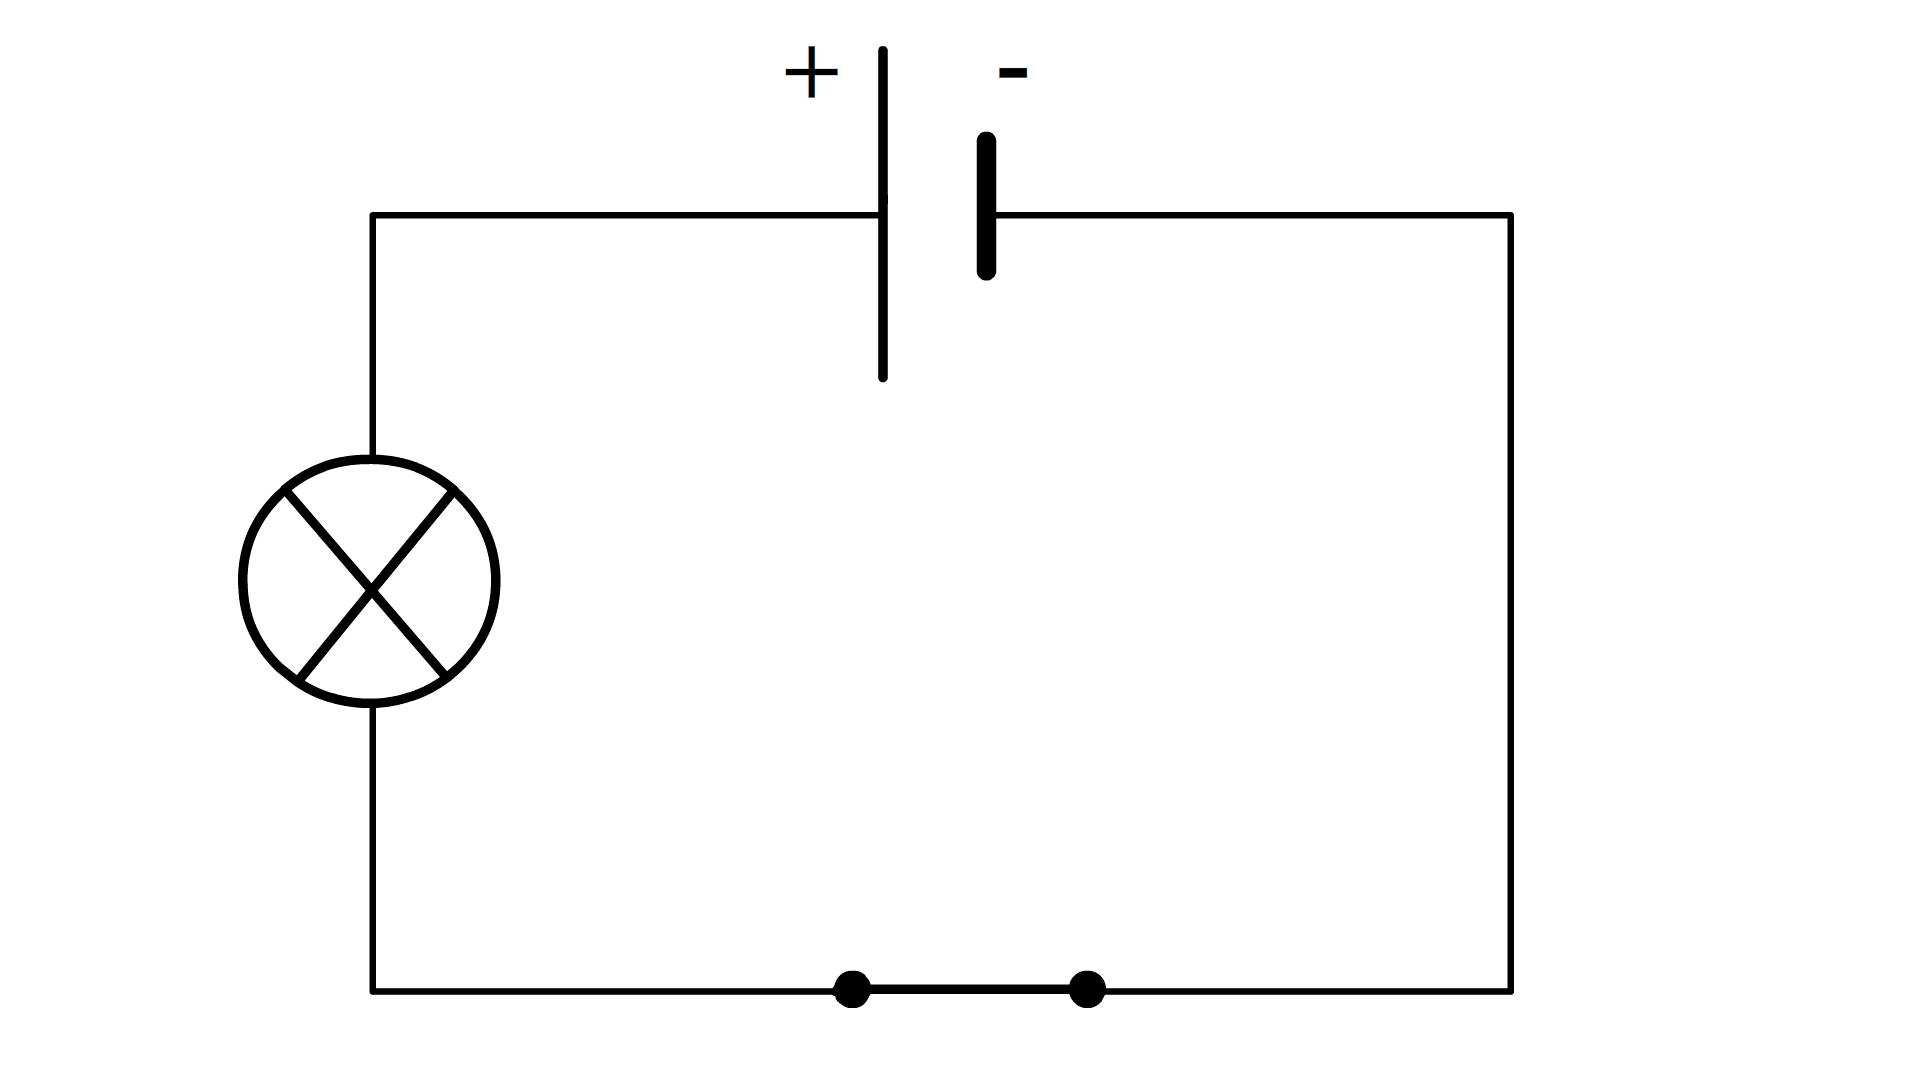 cr ation sch ma normalis d 39 un circuit en s rie tape 3 cours gratuit de physique chimie pour. Black Bedroom Furniture Sets. Home Design Ideas